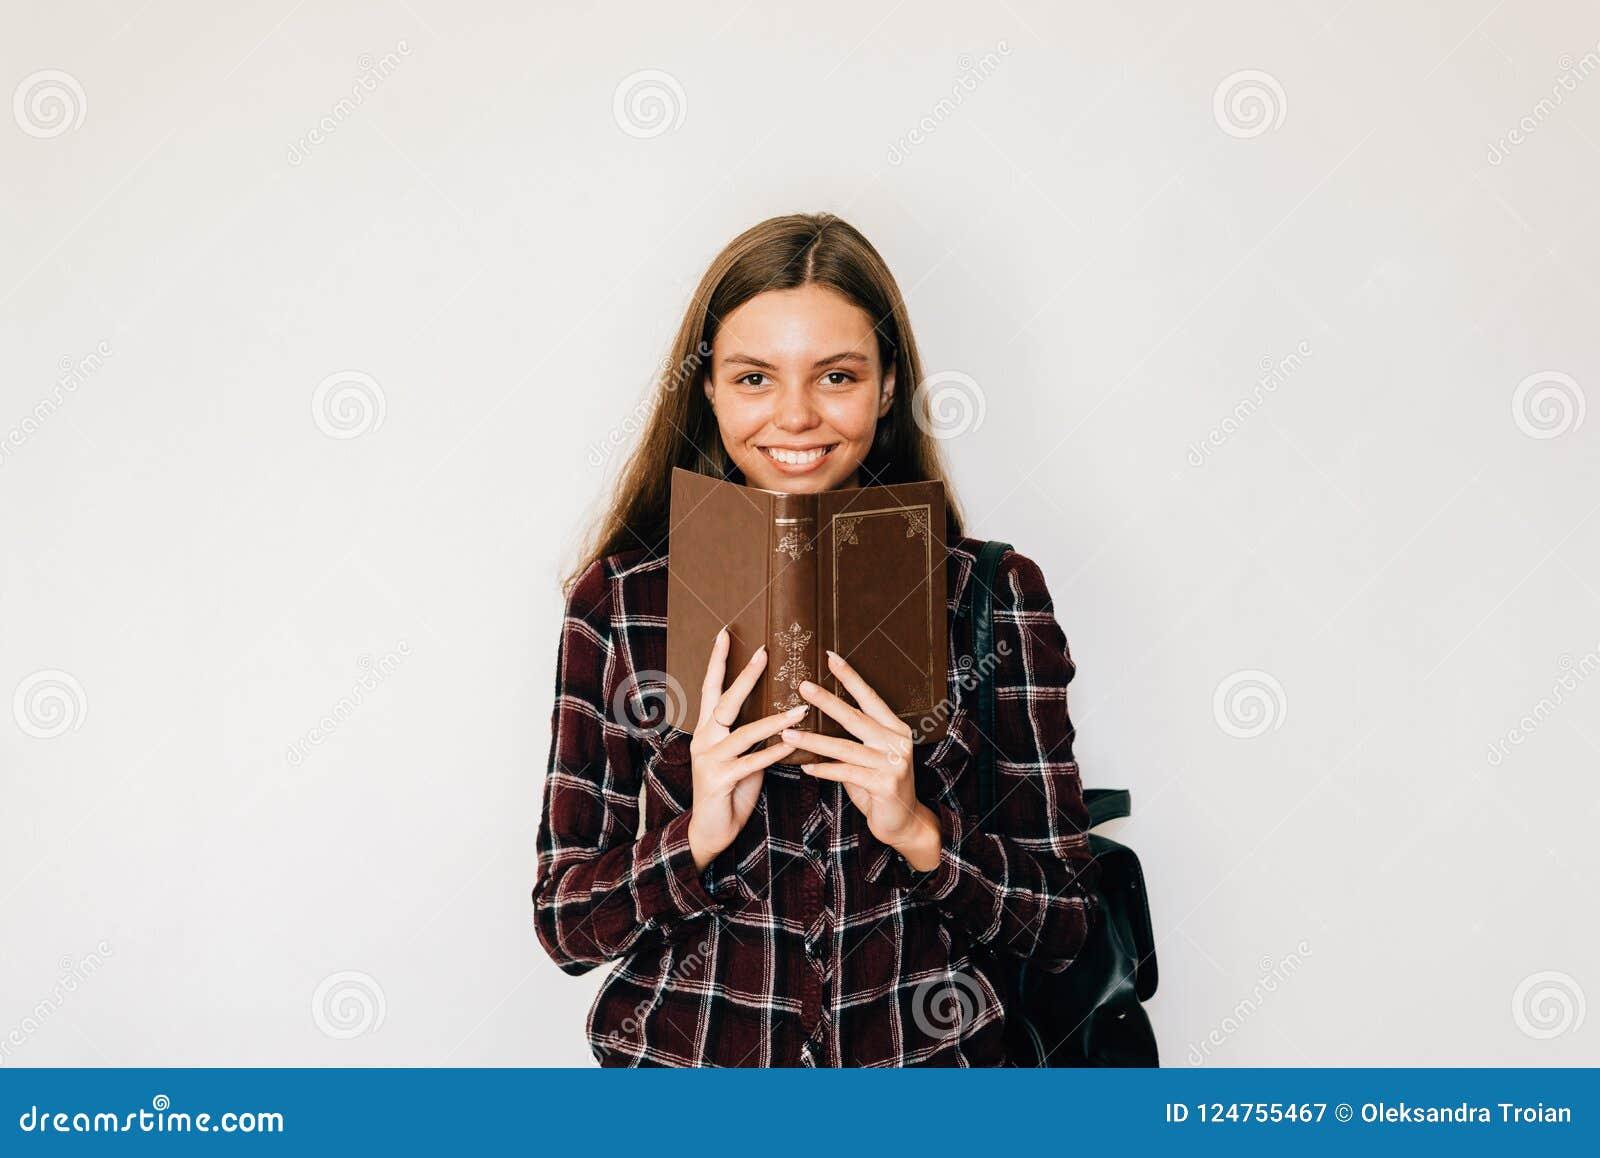 Hübsche JugendlichStudentin mit Buch in ihren Händen, die Gesicht mit dem Kopienraum- und -WEISShintergrundlächeln verstecken